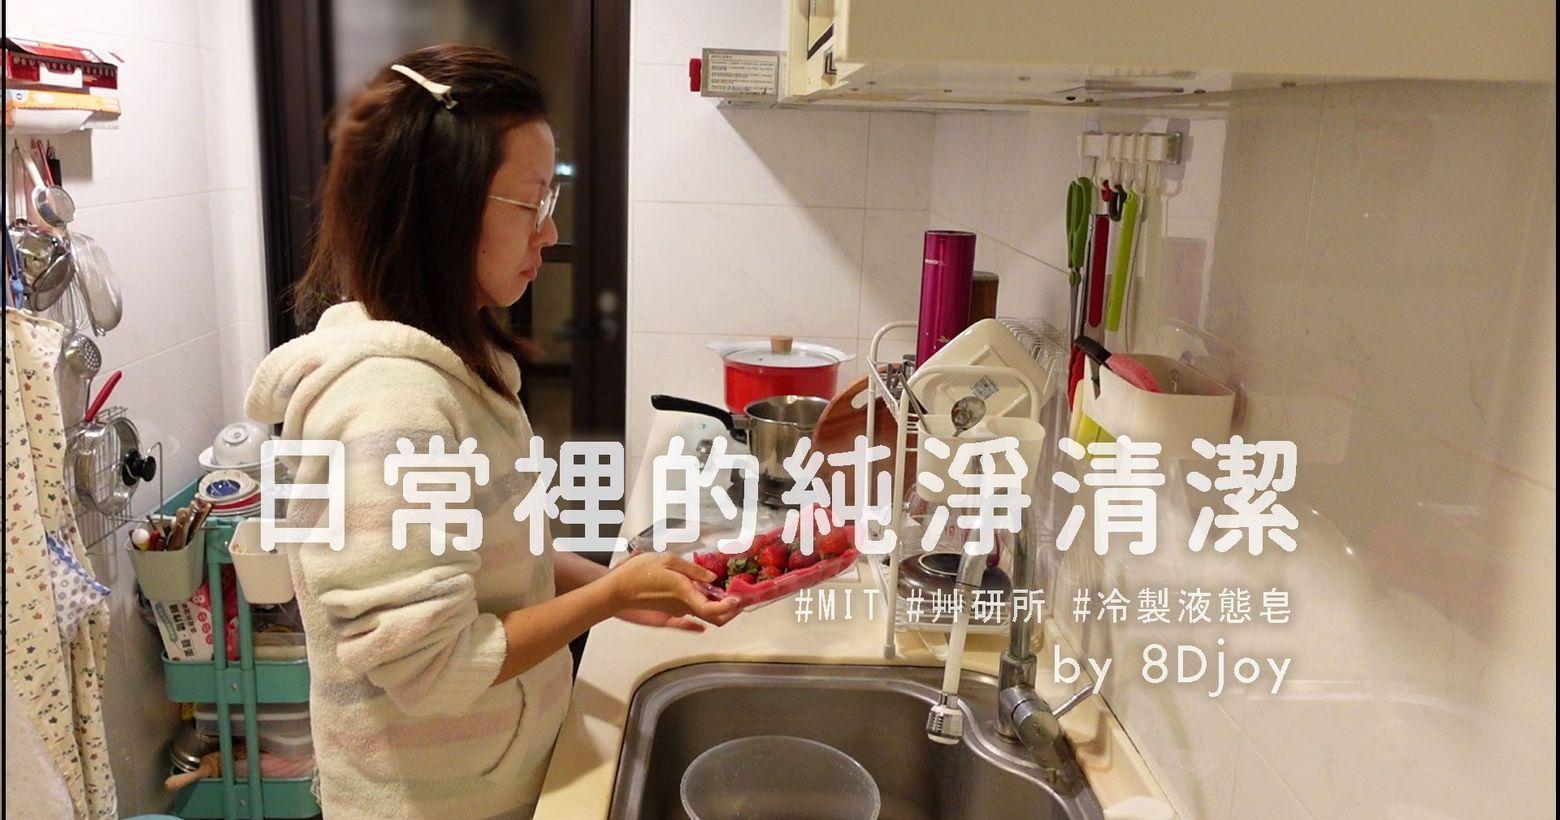 💗洗碗不傷手 這罐罐很可以 幕斯泡泡純淨清潔愛用純淨保養(無不必要添加)日常裡也慢慢開始替換成純淨